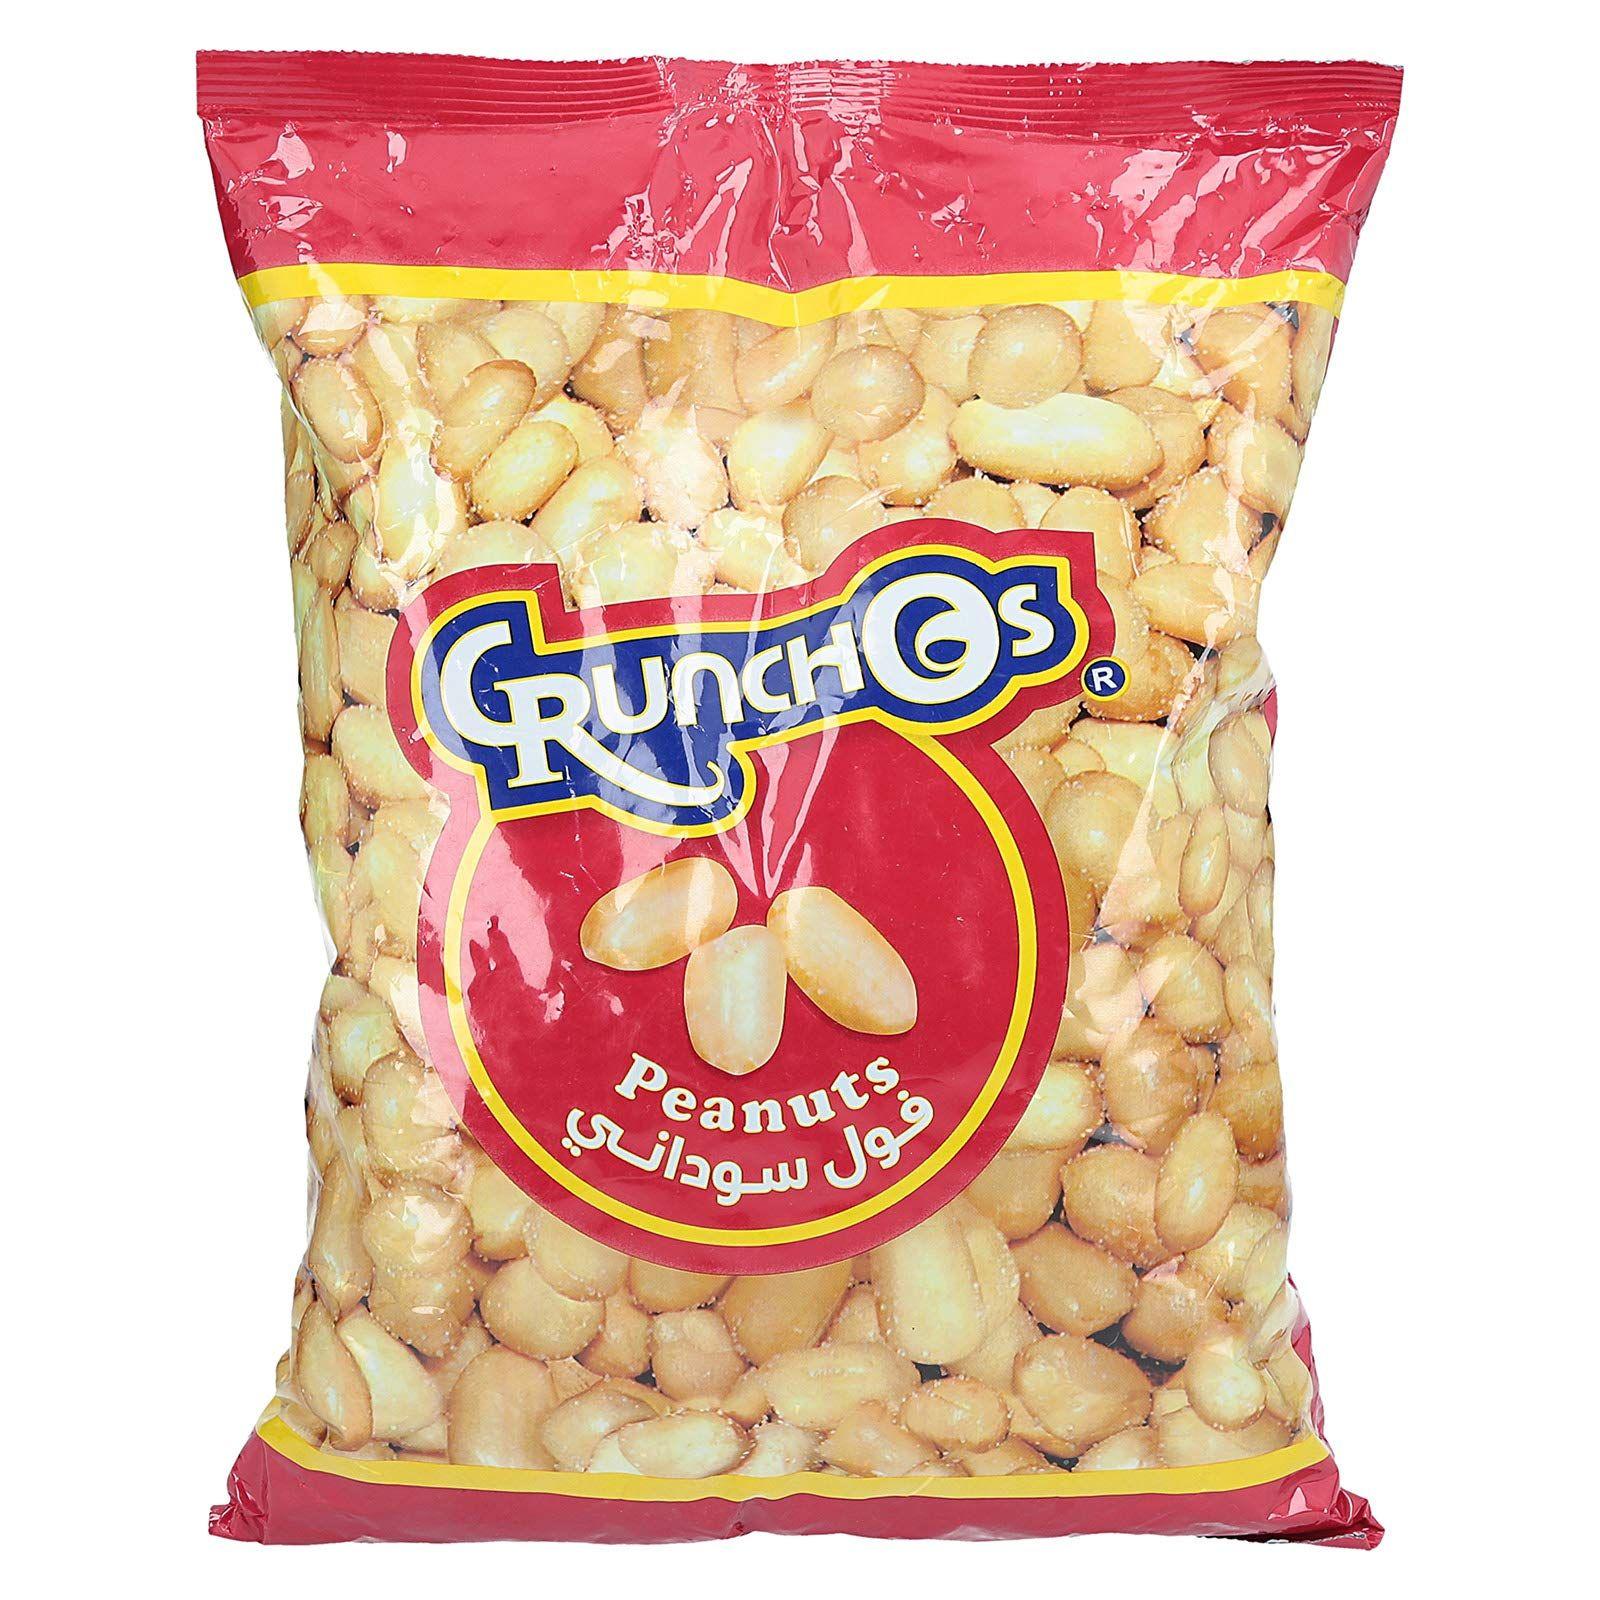 Crunchos مالح الفول السوداني 1000 جم Crunchos Salty Peanuts 1000 Gm تشحن بواسطة امازون امارات In 2020 Peanut Snack Recipes Snacks